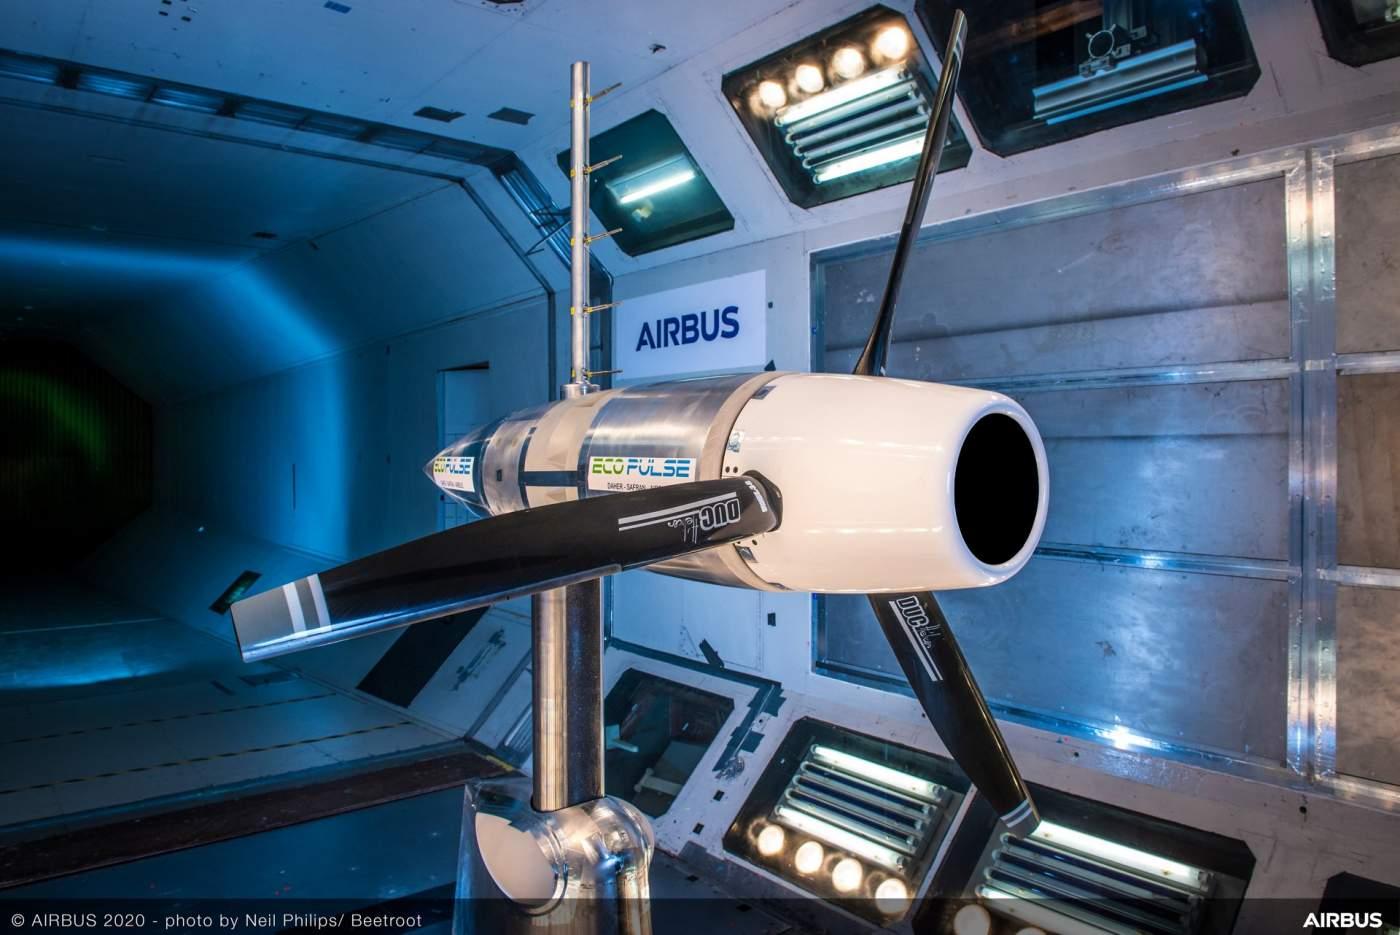 Airbus EcoPulse